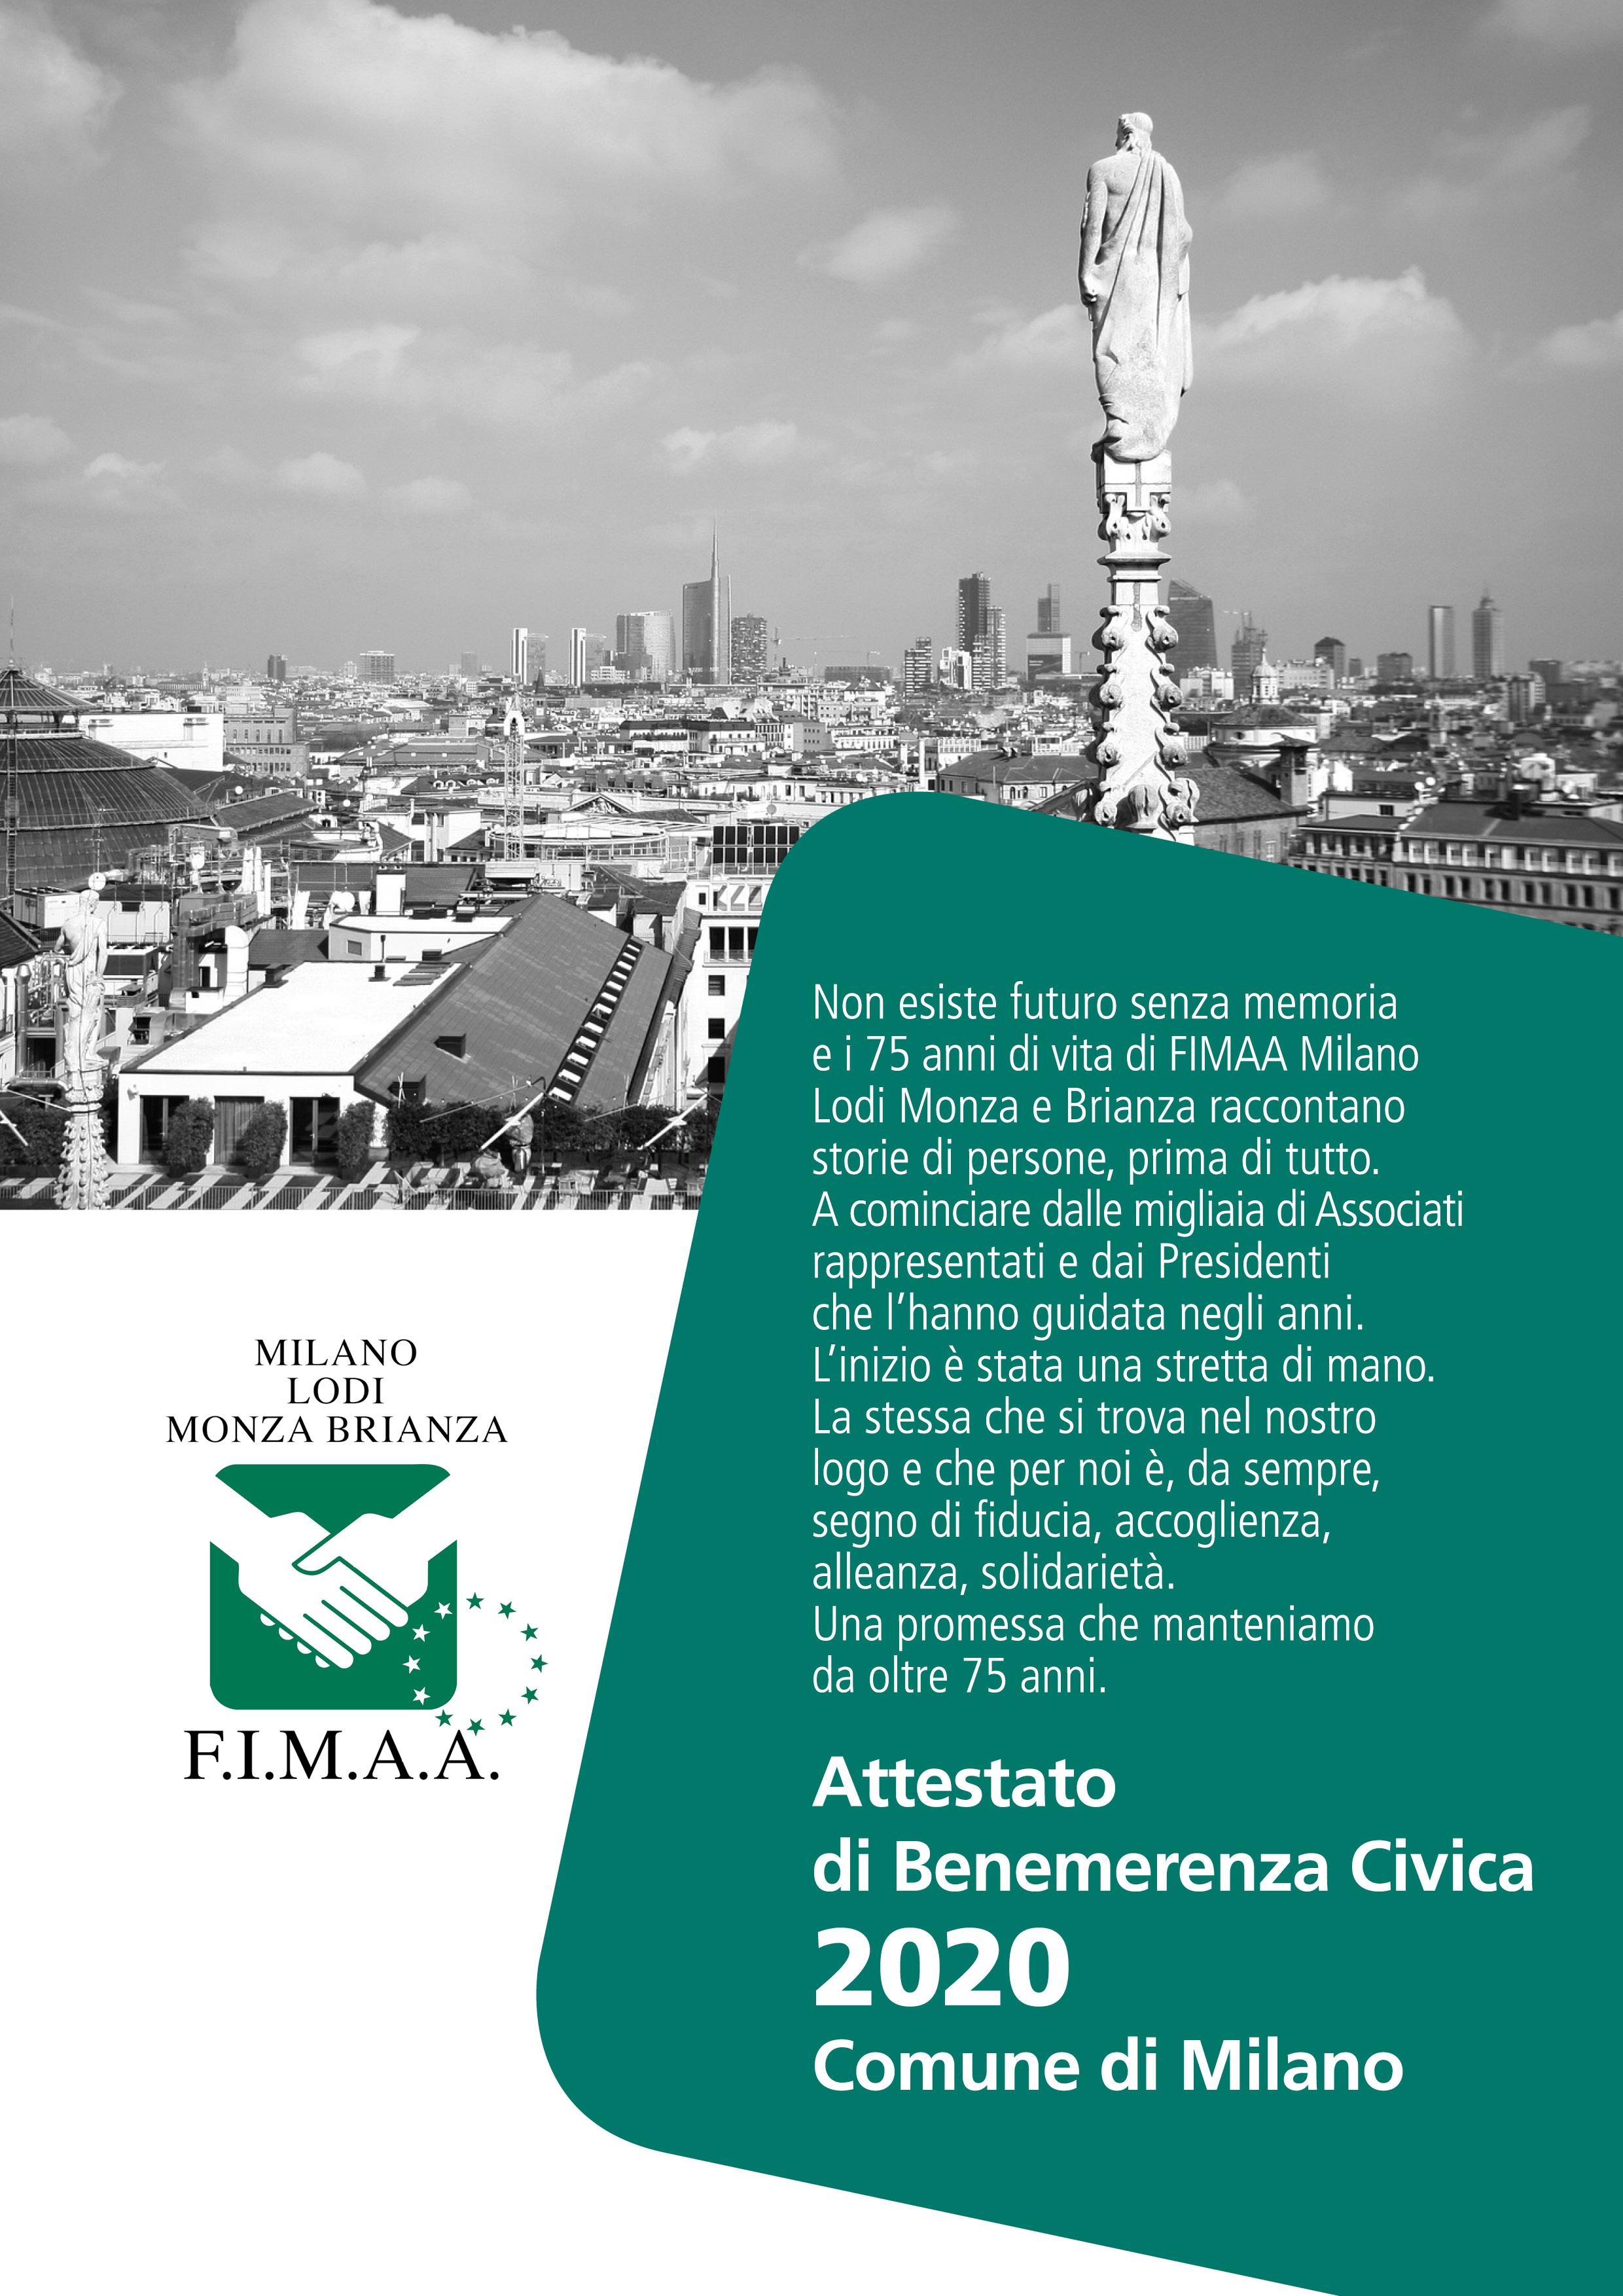 AMBROGINO D'ORO - ATTESTATO DI BENEMERENZA CIVICA 2020